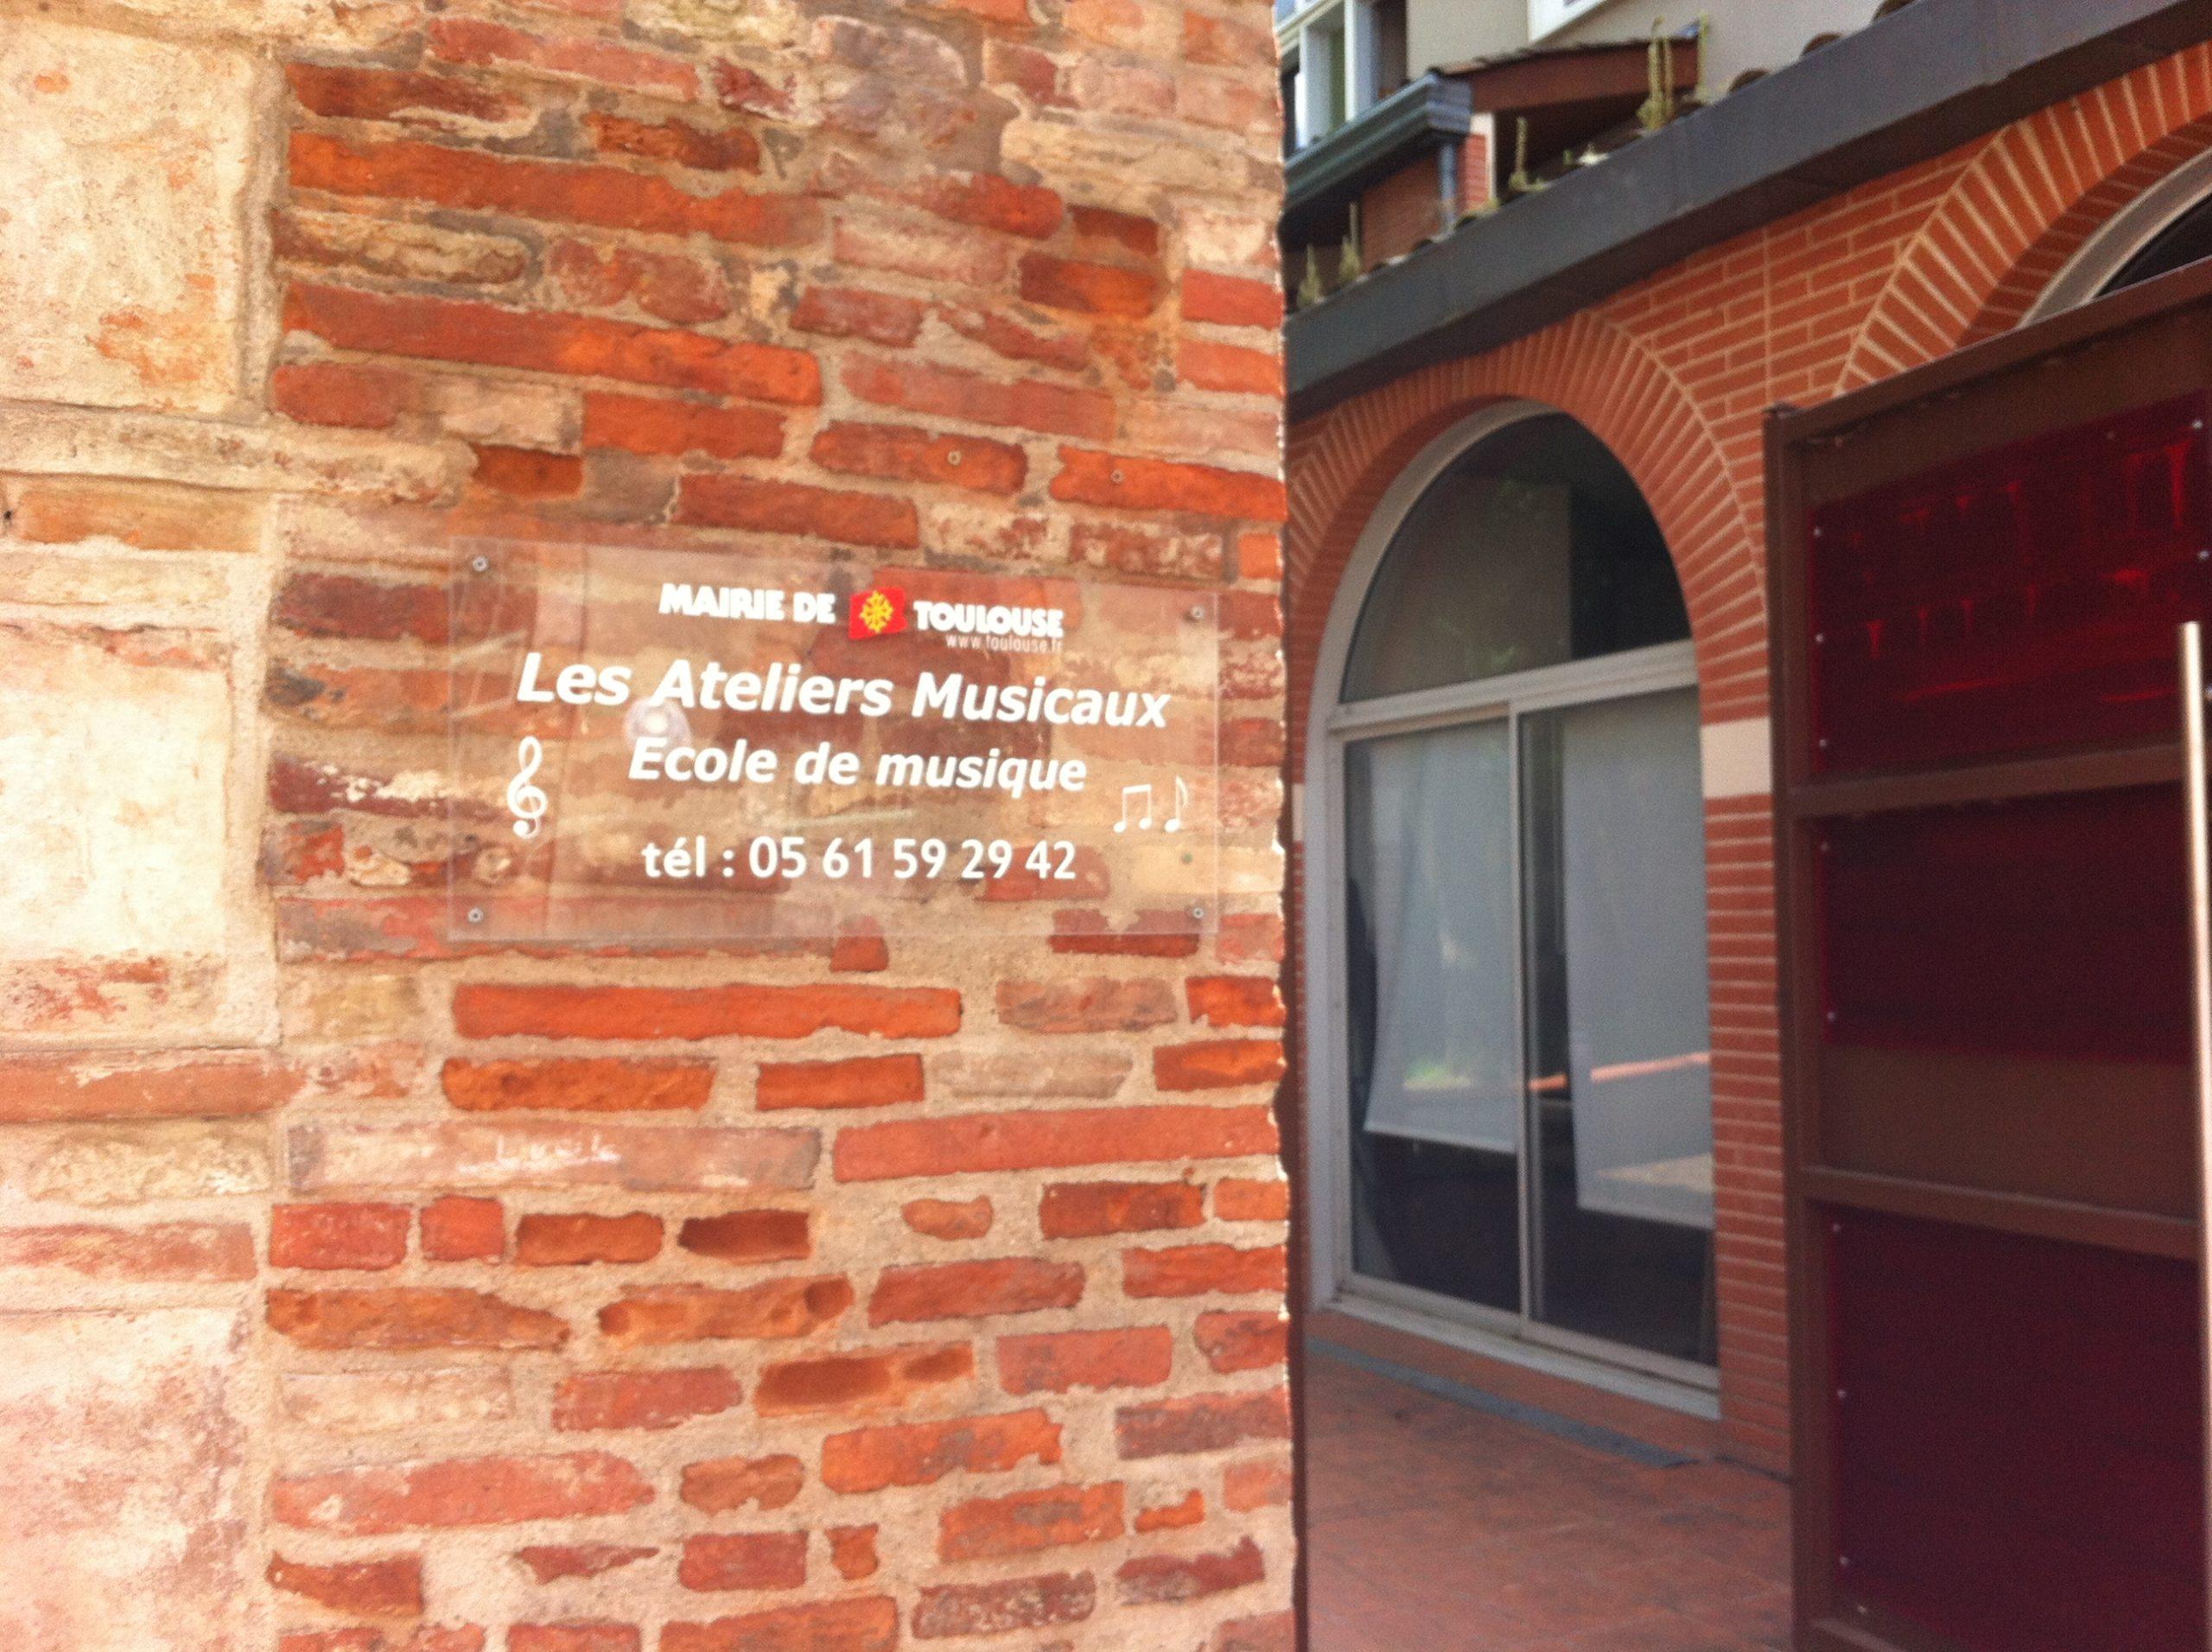 Plaque entrée Les Ateliers Musicaux